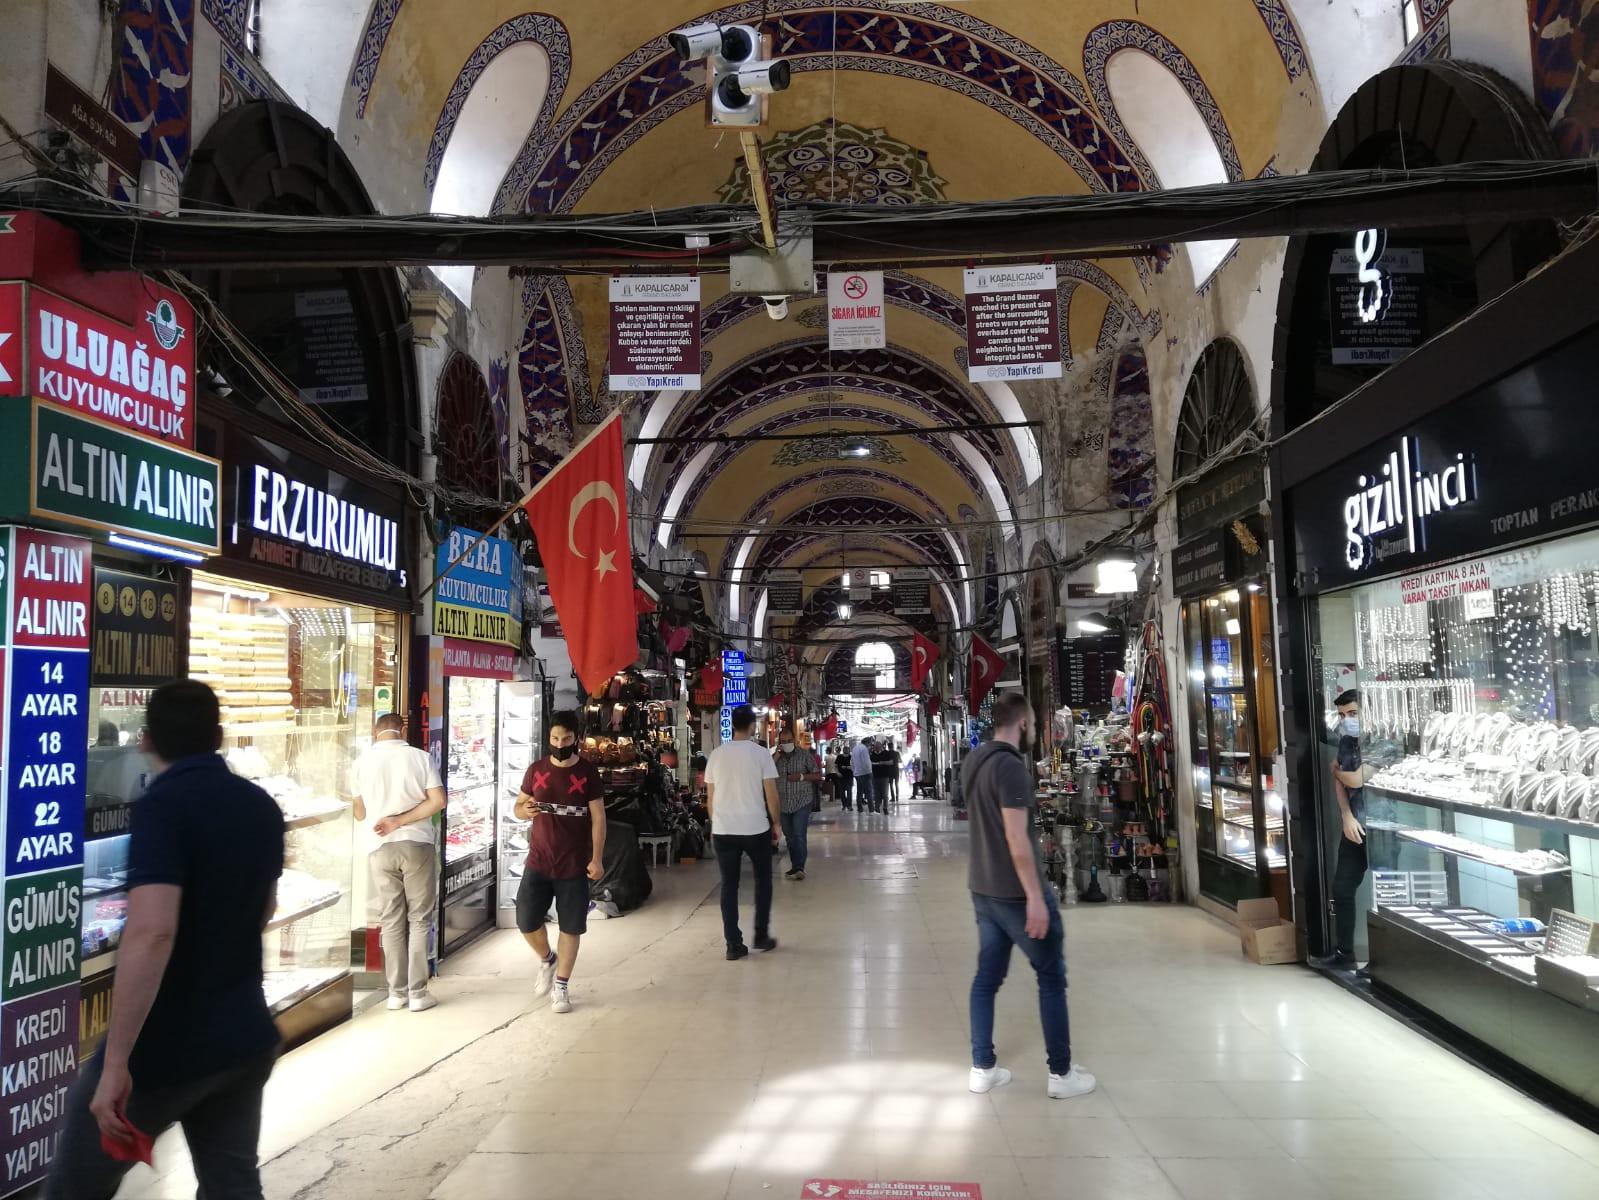 İstanbul, Beyazıt semtinde 1461 yılında kurulan ve kurulduğu yıldan günümüze kadar açık olan Kapalı Çarşı, günümüzde en sönük günlerine yaşıyor.